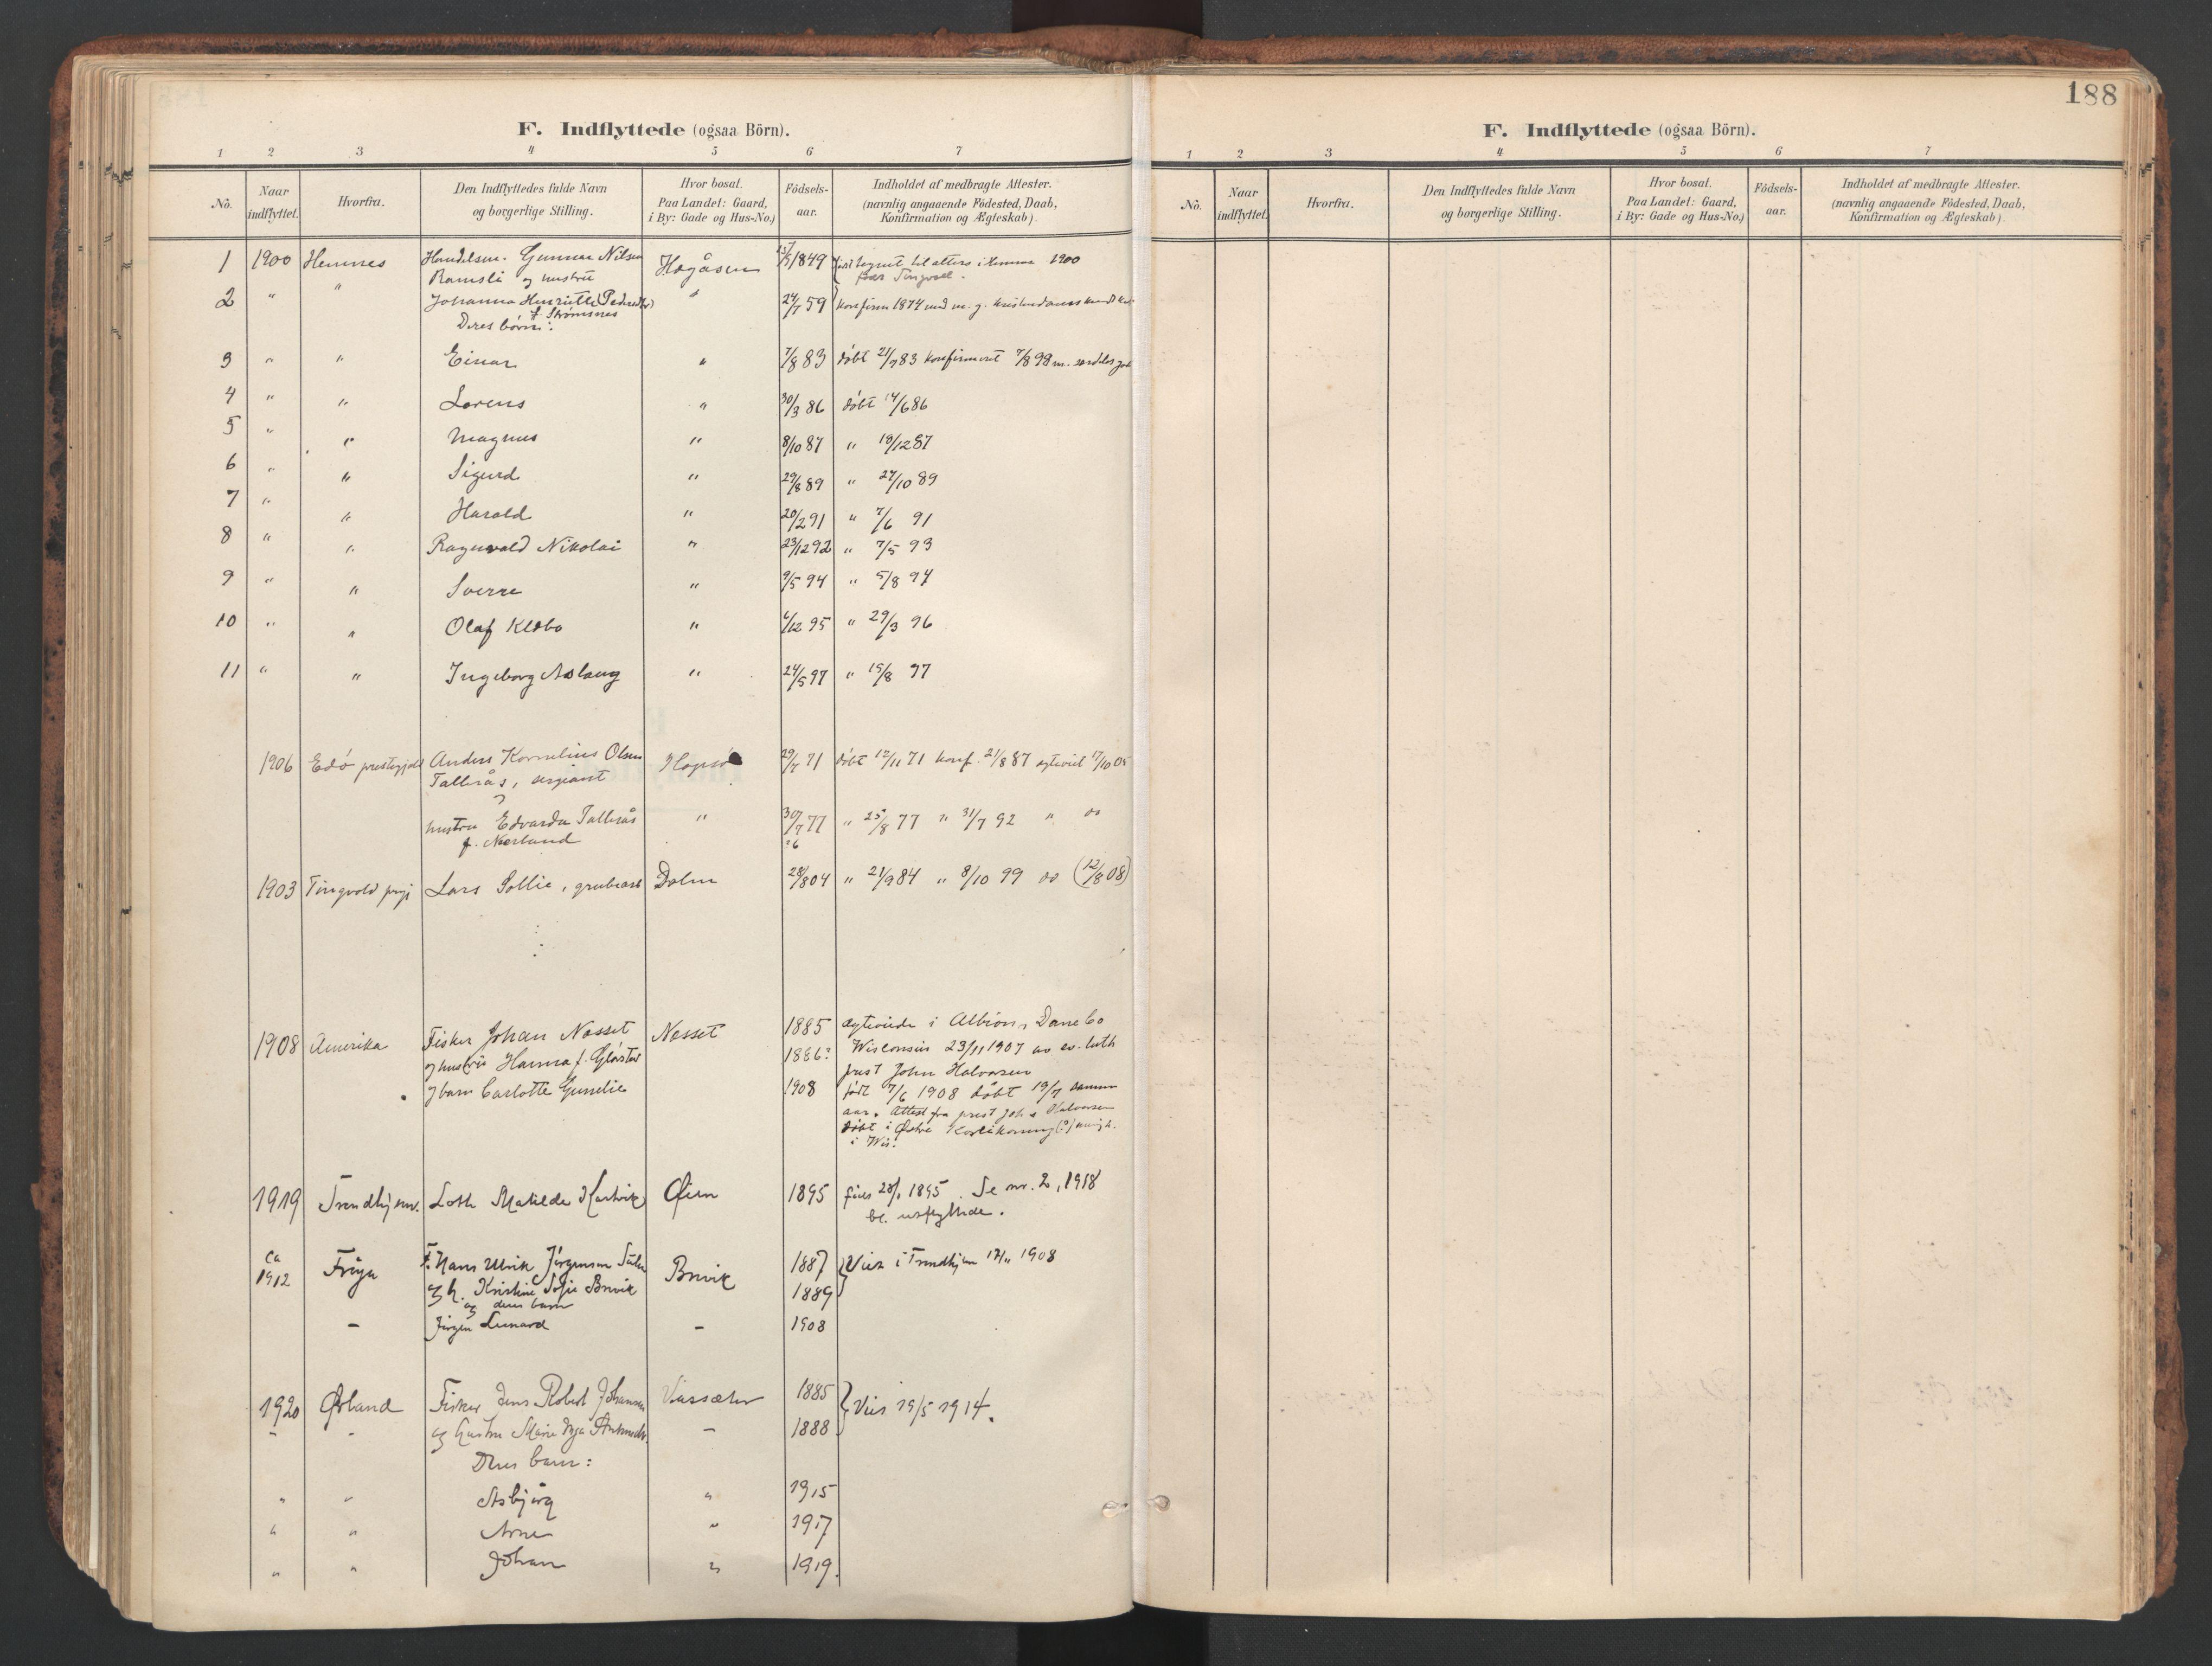 SAT, Ministerialprotokoller, klokkerbøker og fødselsregistre - Sør-Trøndelag, 634/L0537: Ministerialbok nr. 634A13, 1896-1922, s. 188